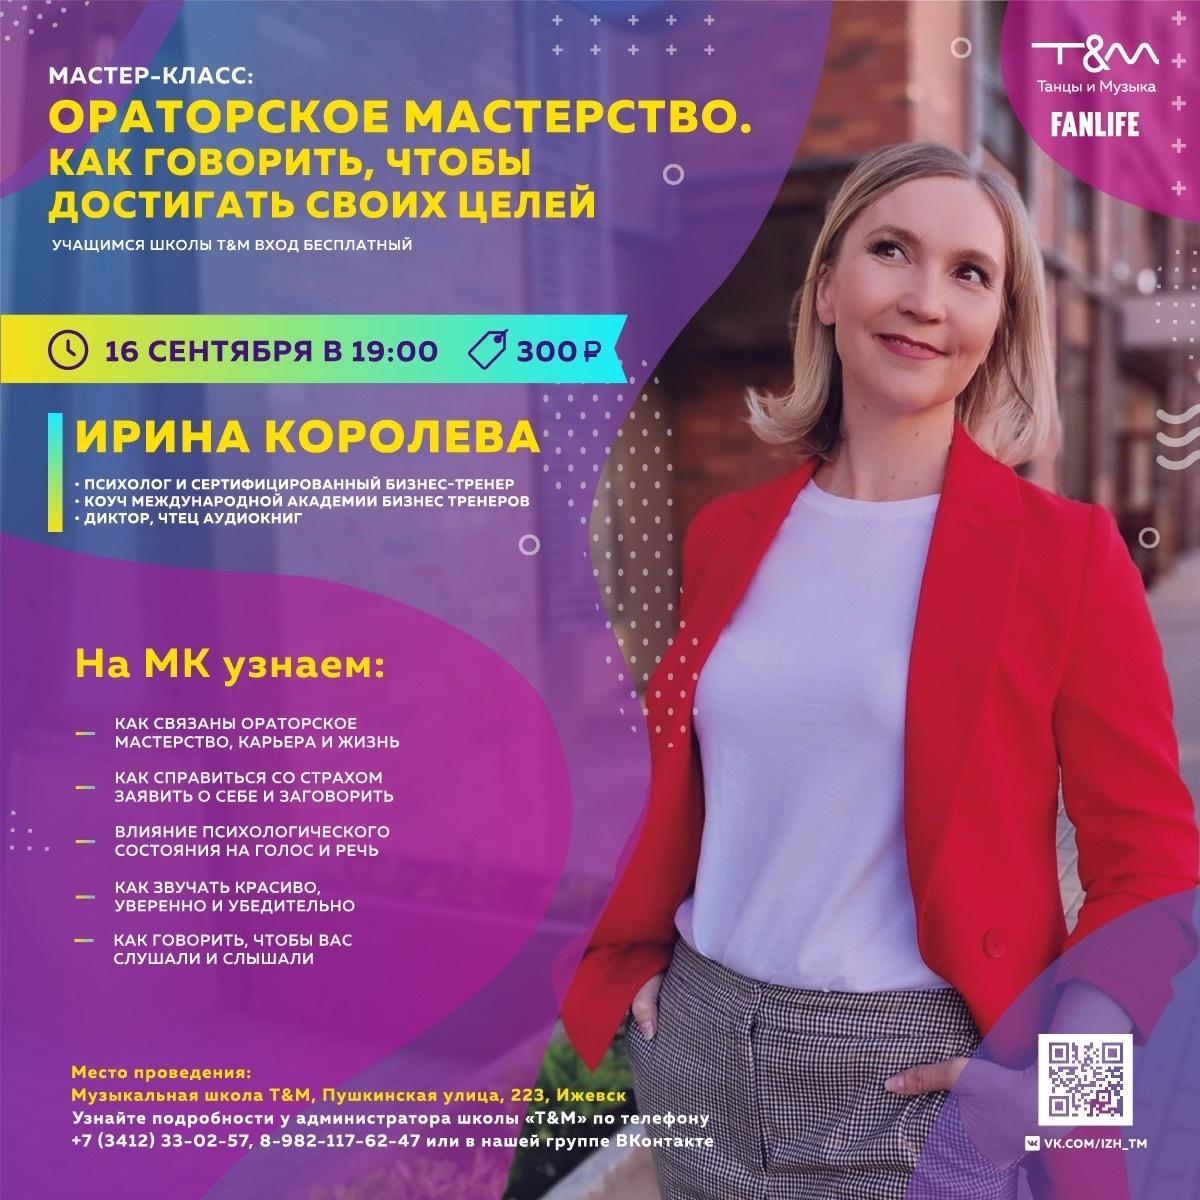 Афиша Ижевска — Мастер-класс по ораторскому мастерству: как говорить, чтобы достигать своих целей